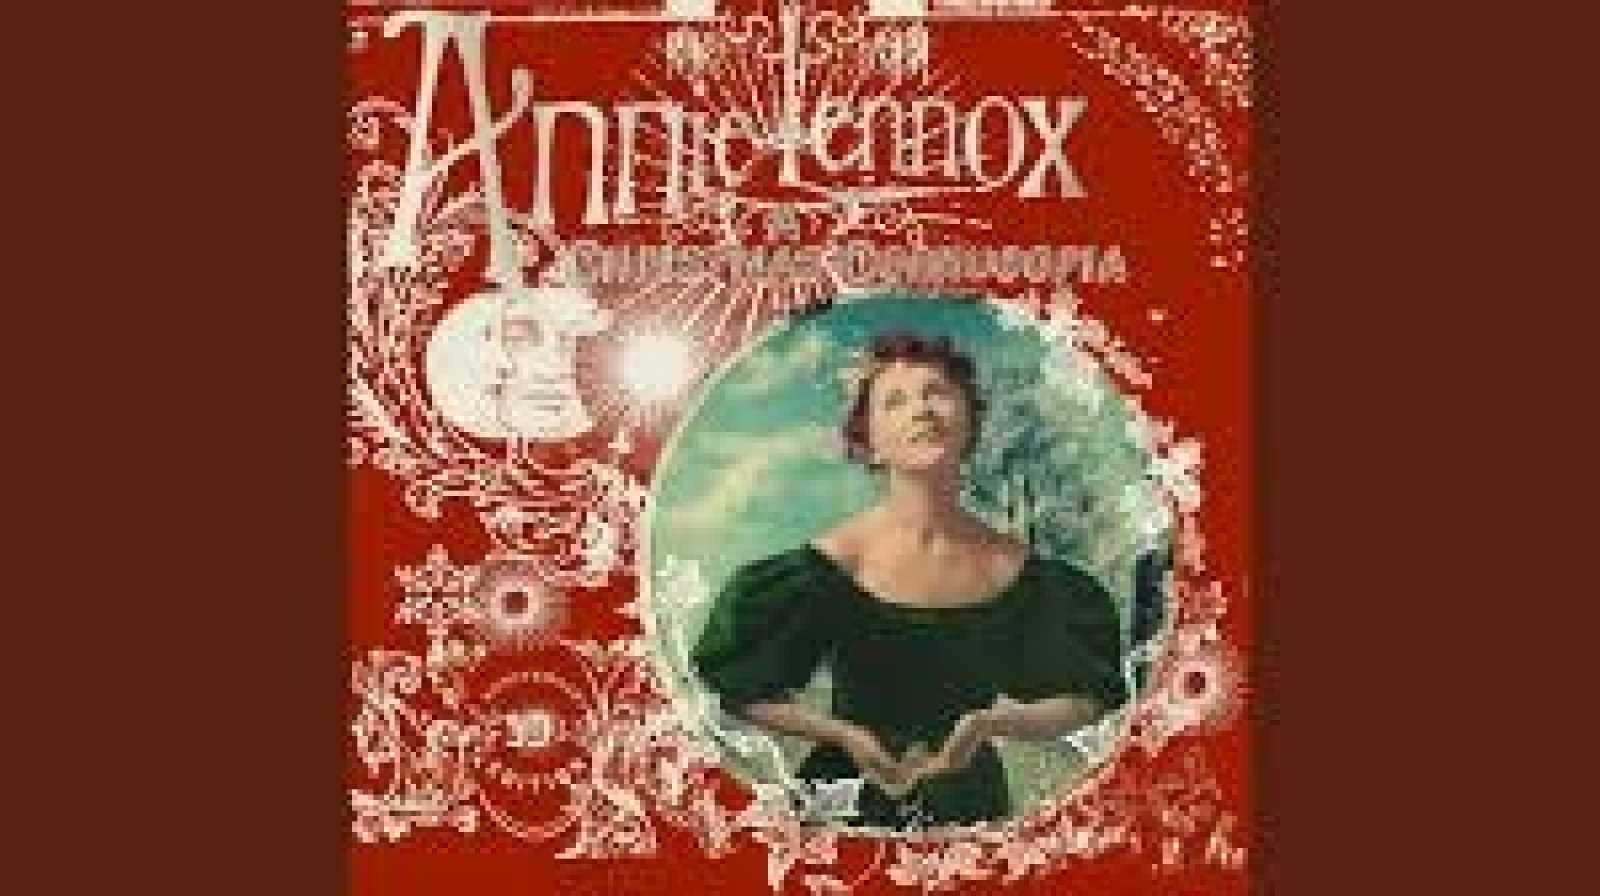 Disco grande - Canciones de Navidad o.. no - 25/12/20 - escuchar ahora